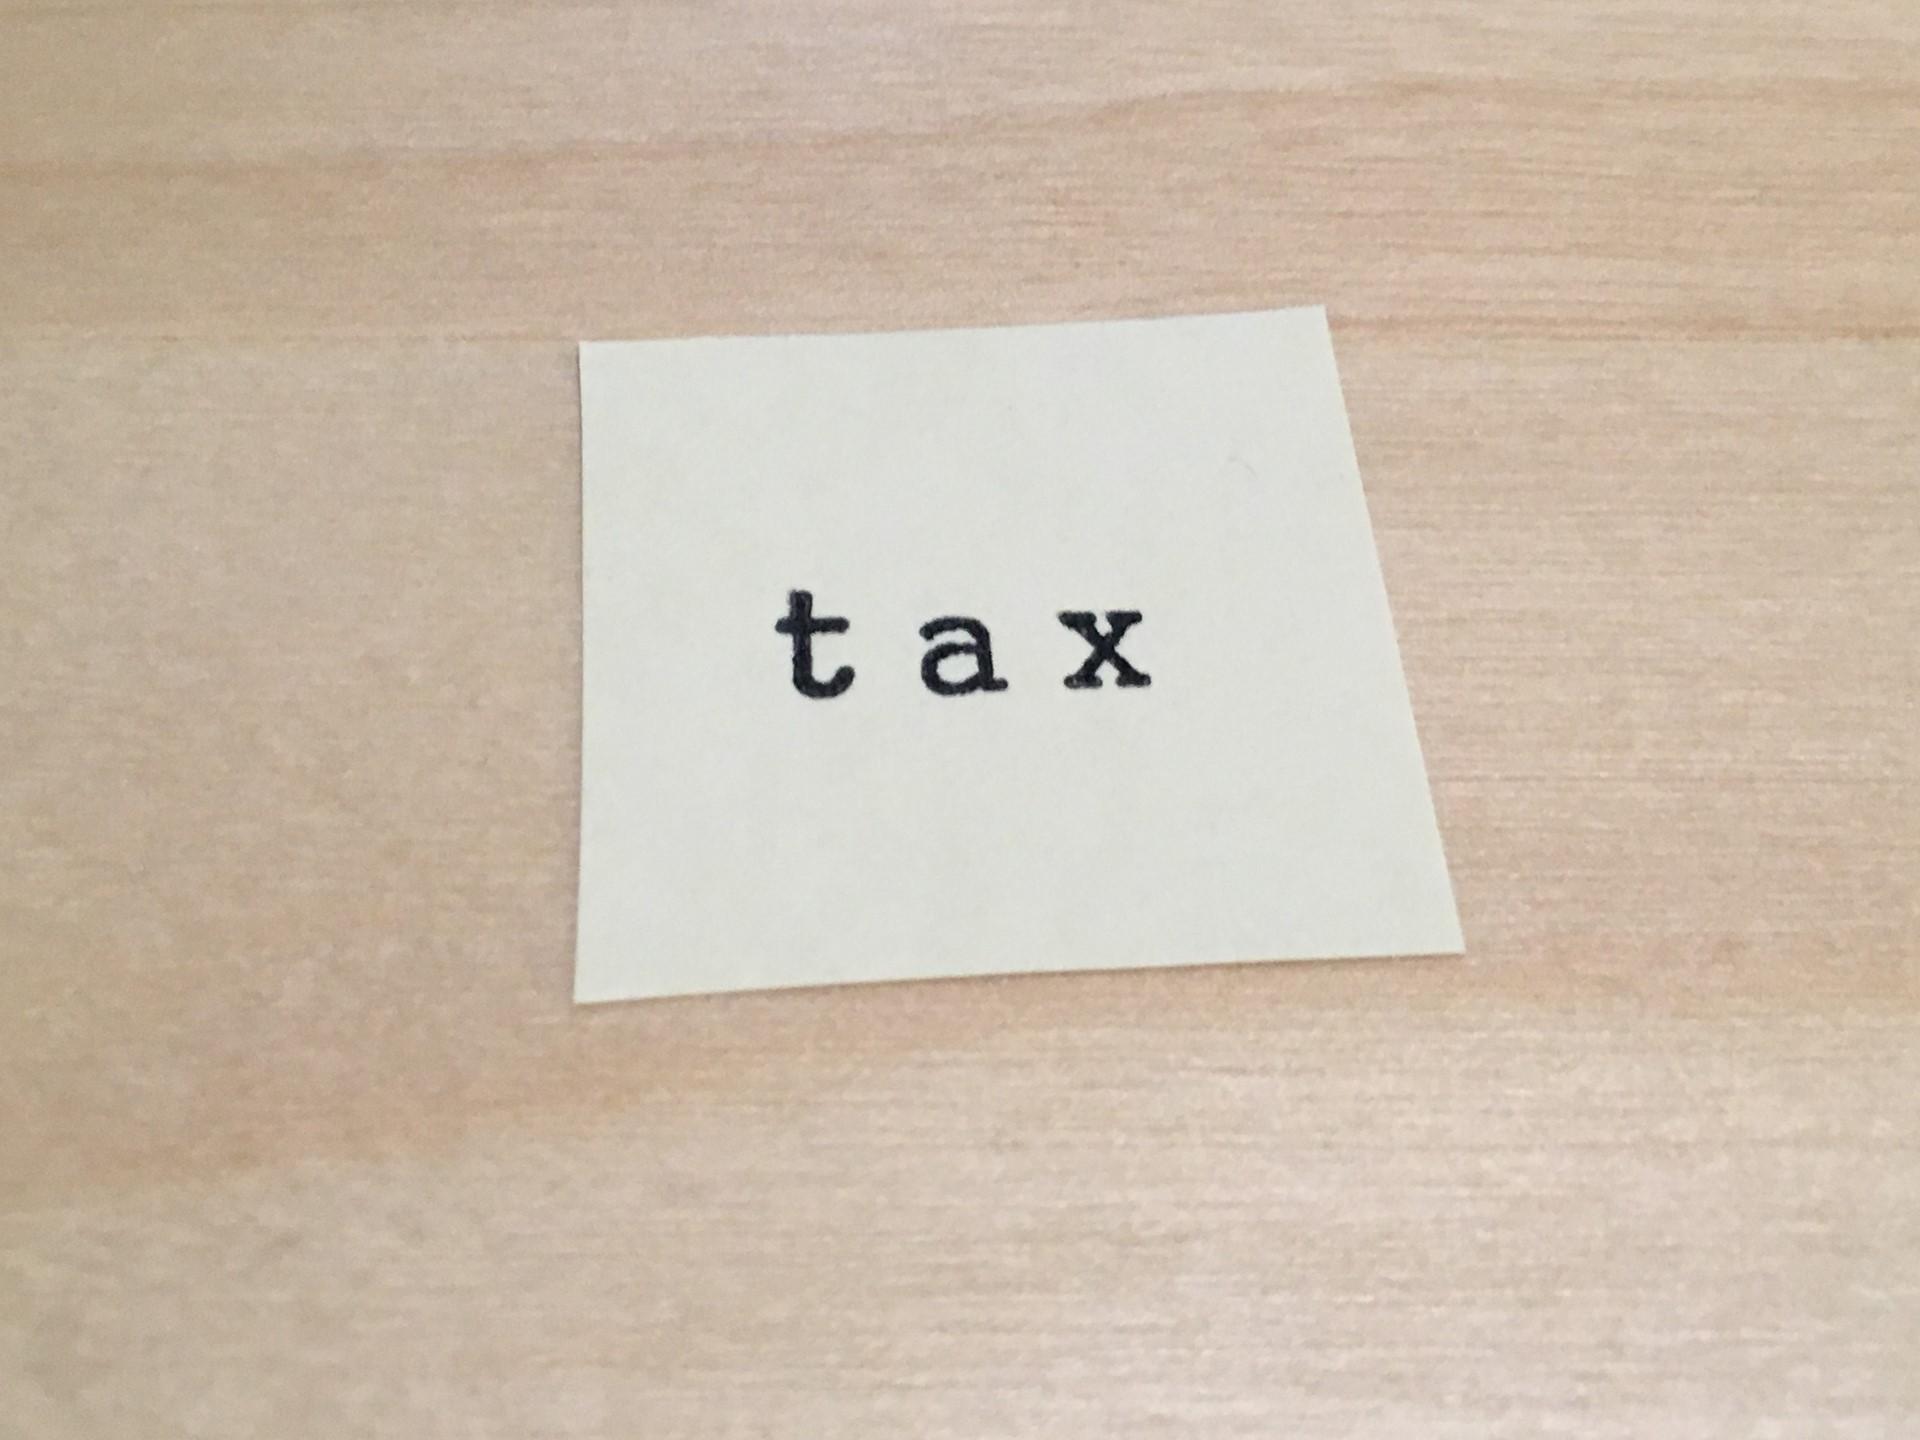 医療法人事業承継税制優遇制度